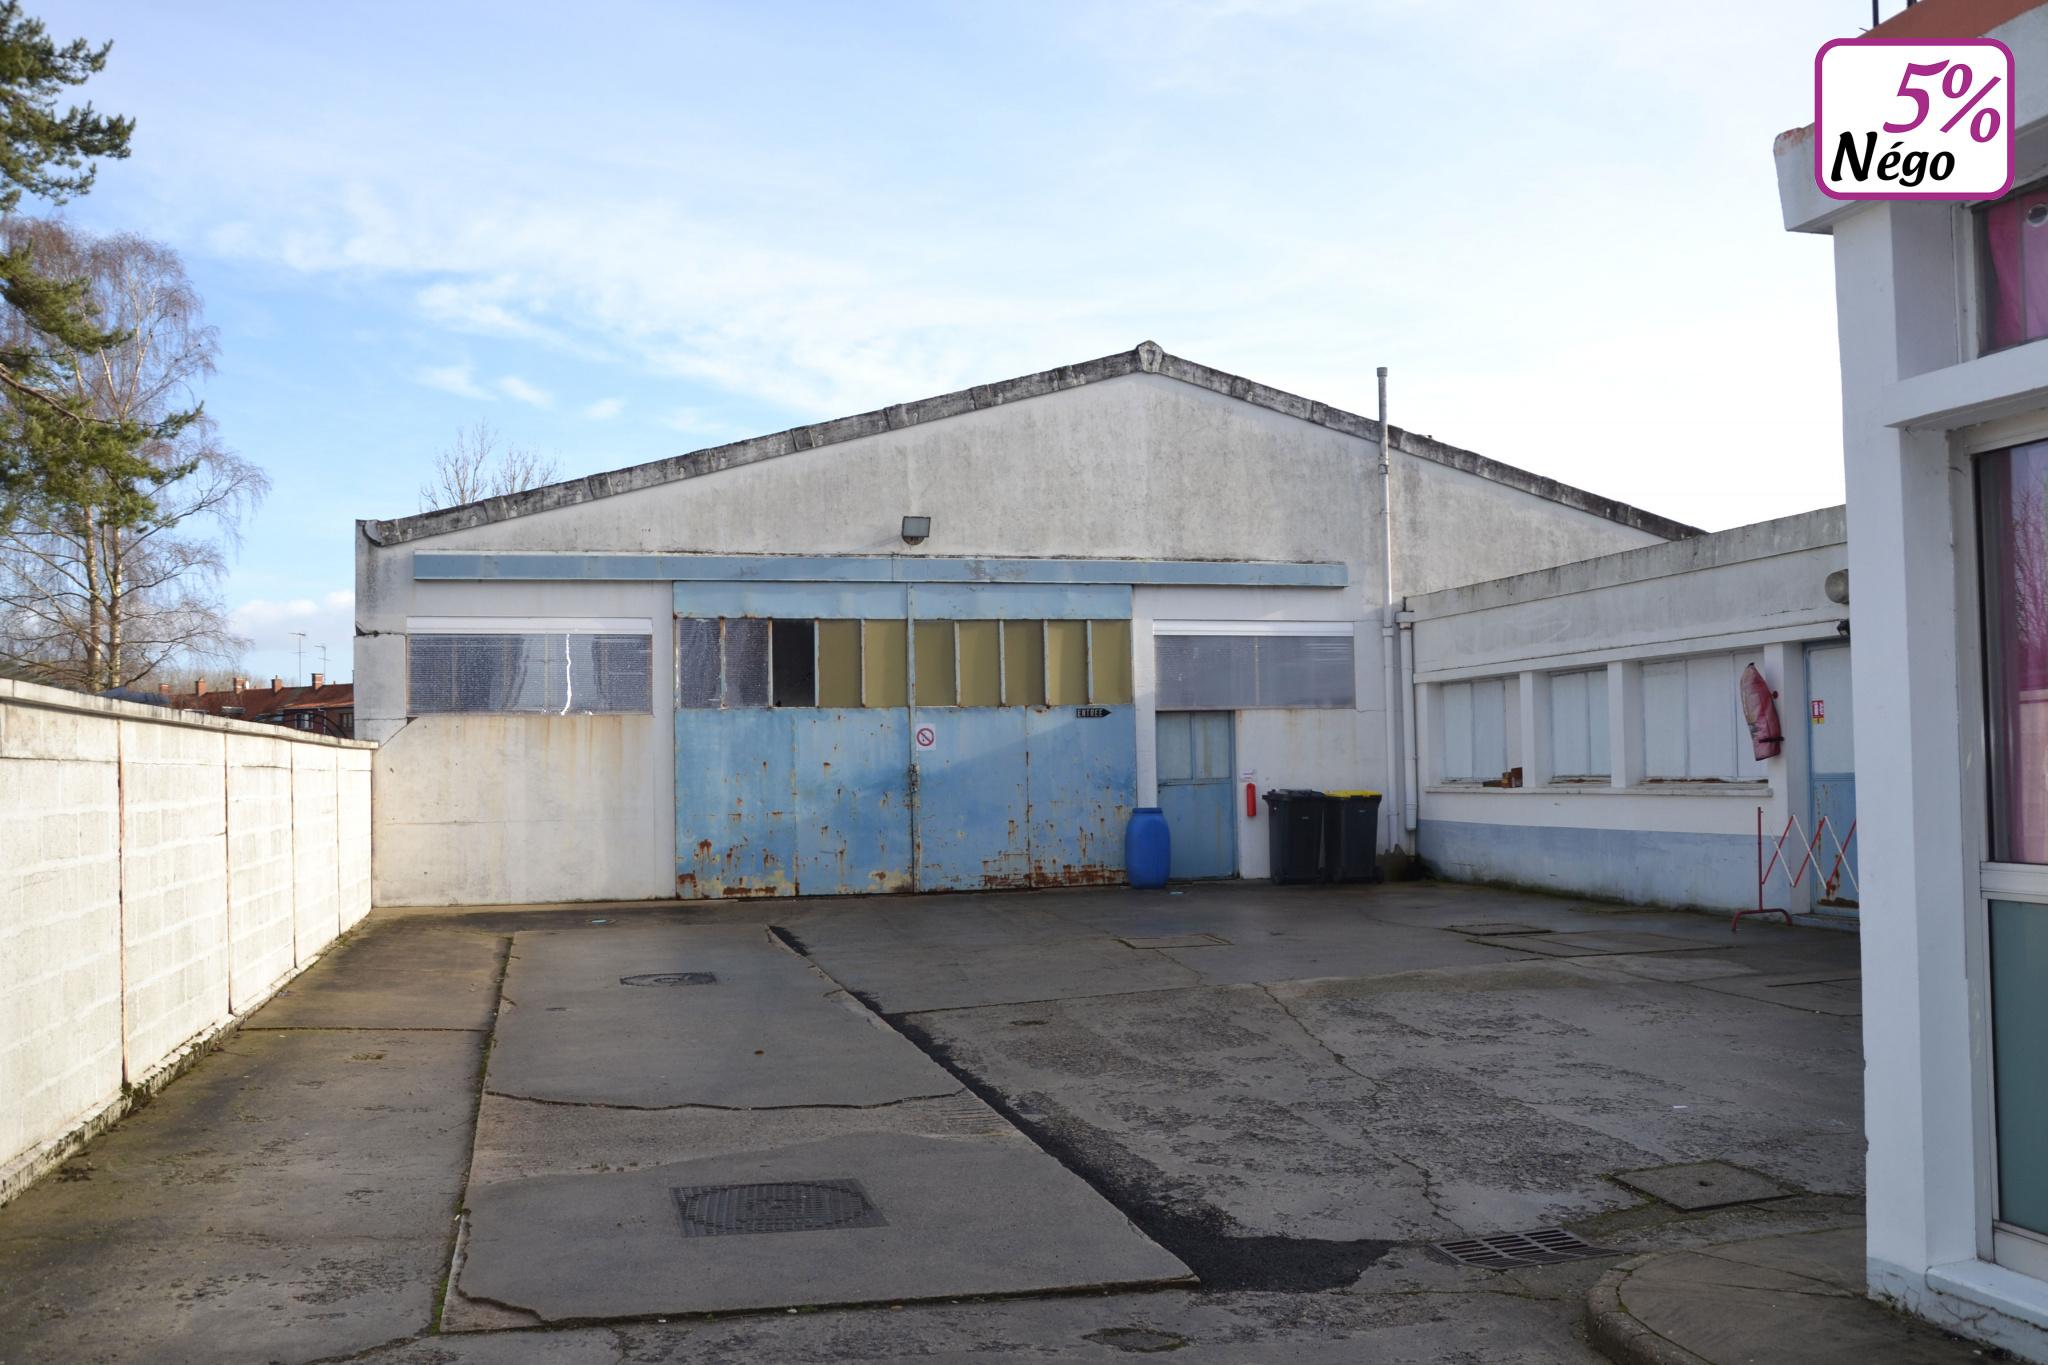 ACHAT / VENTE HANGAR 560 m2 SUR TERRAIN DE 1266 m2